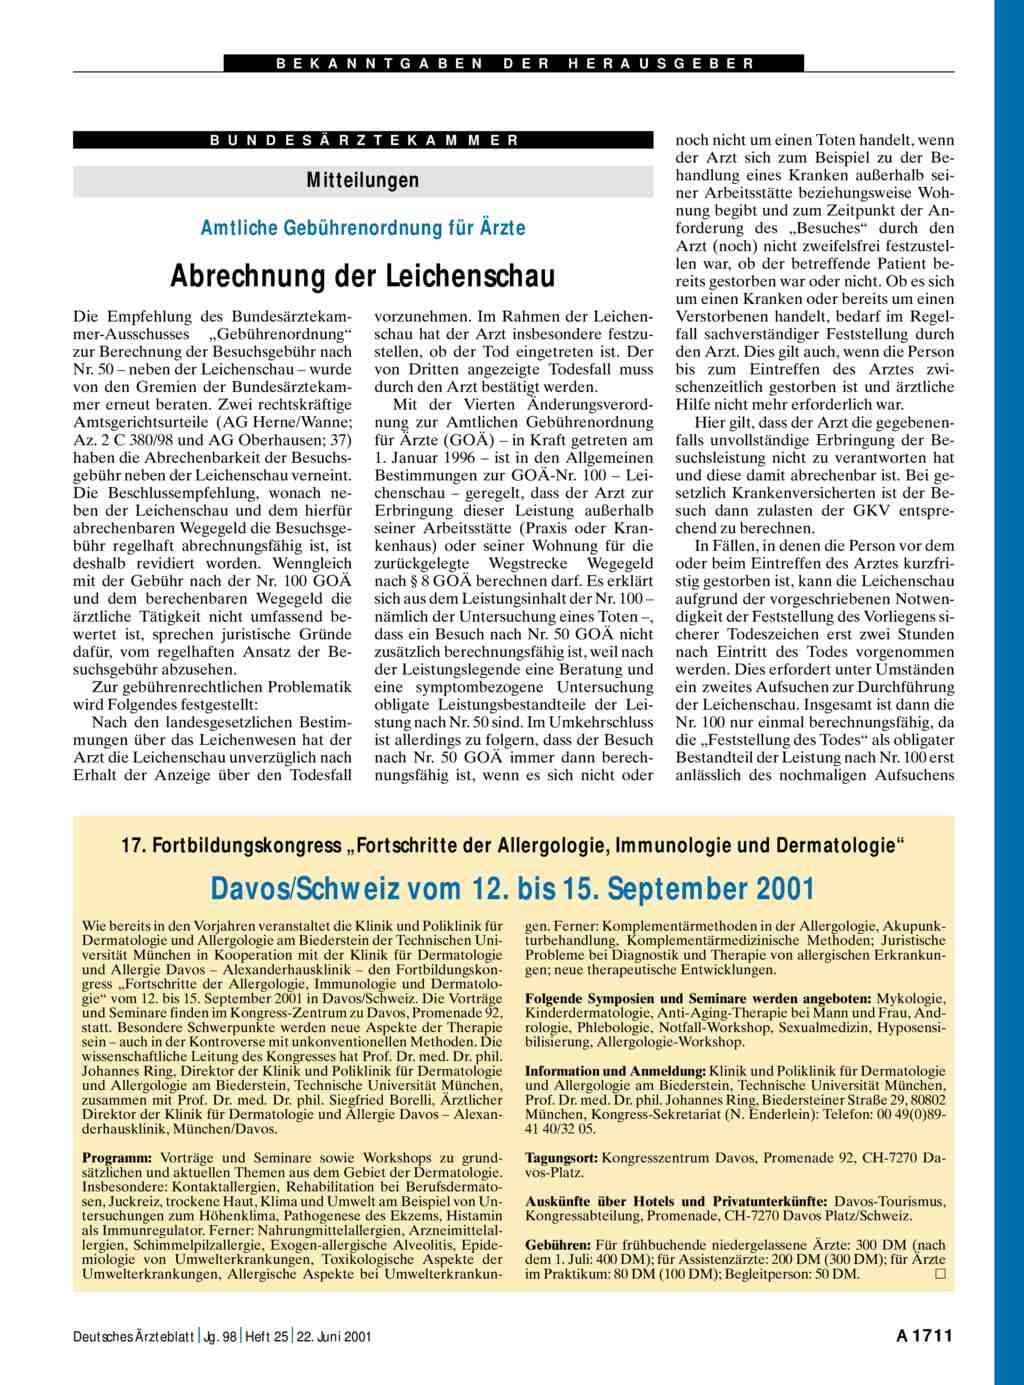 Mitteilungen Amtliche Gebührenordnung Für ärzte Abrechnung Der